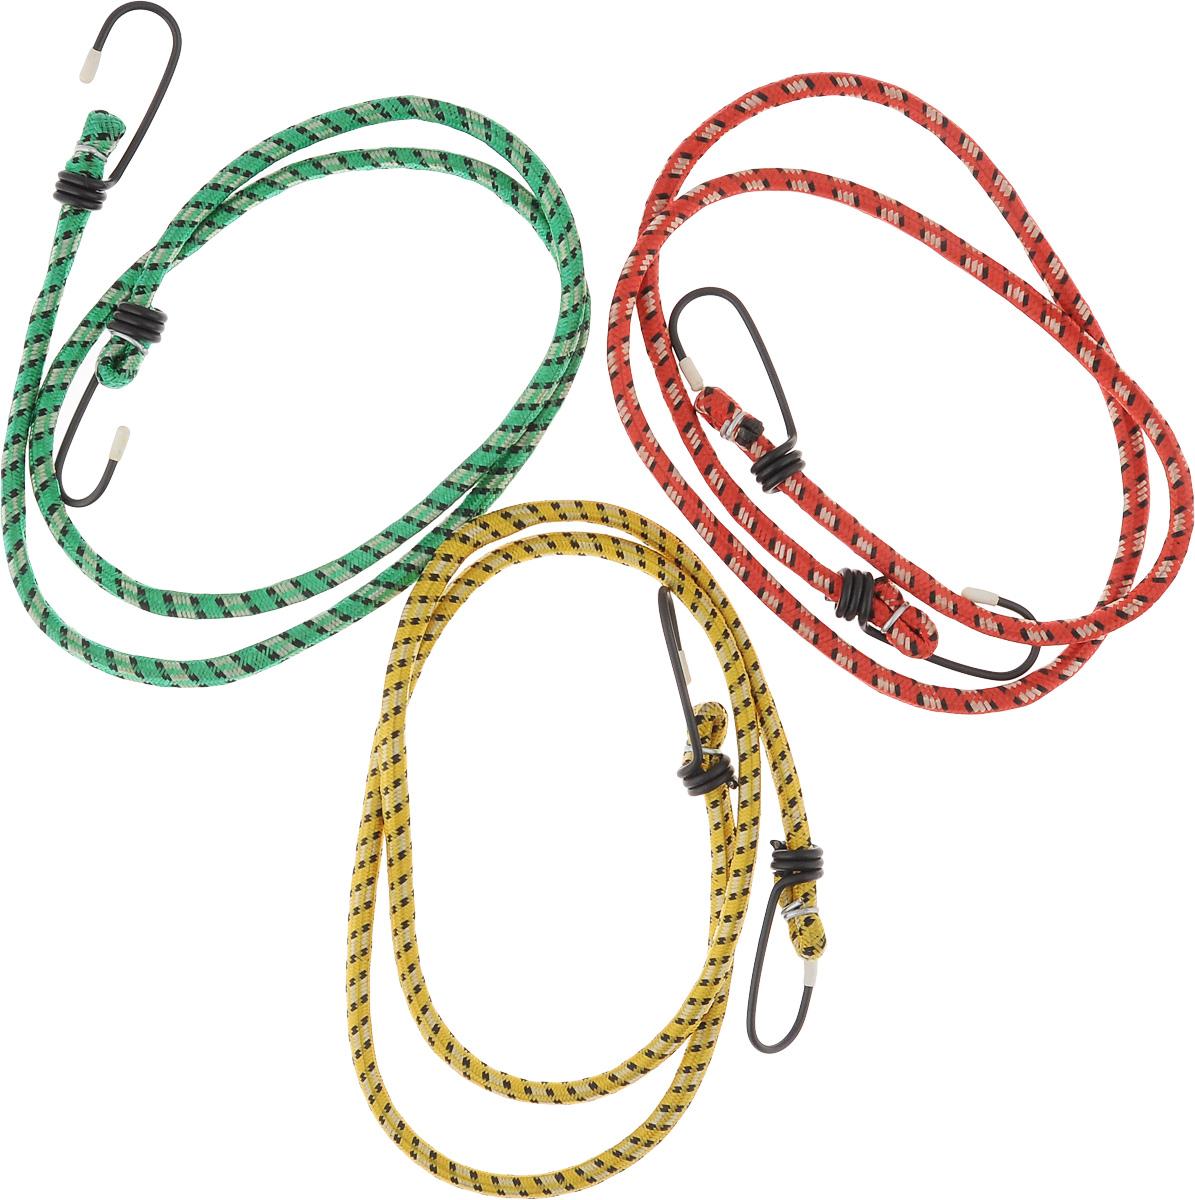 Стяжки для багажника Zipower, эластичные, цвет: красный, желтый, зеленый, 1 м, 3 штPM 4253_красный,желтый, зеленыйЭластичные стяжки для багажника Zipower позволяют надежно зафиксировать груз в открытом багажнике автомобиля, велосипеда. Прочные металлические крючки обеспечивают удобное крепление. Эластичный материал стяжек прочен, долговечен, устойчив к изнашиванию и истиранию. Длина стяжек: 1 м. Количество стяжек: 3.